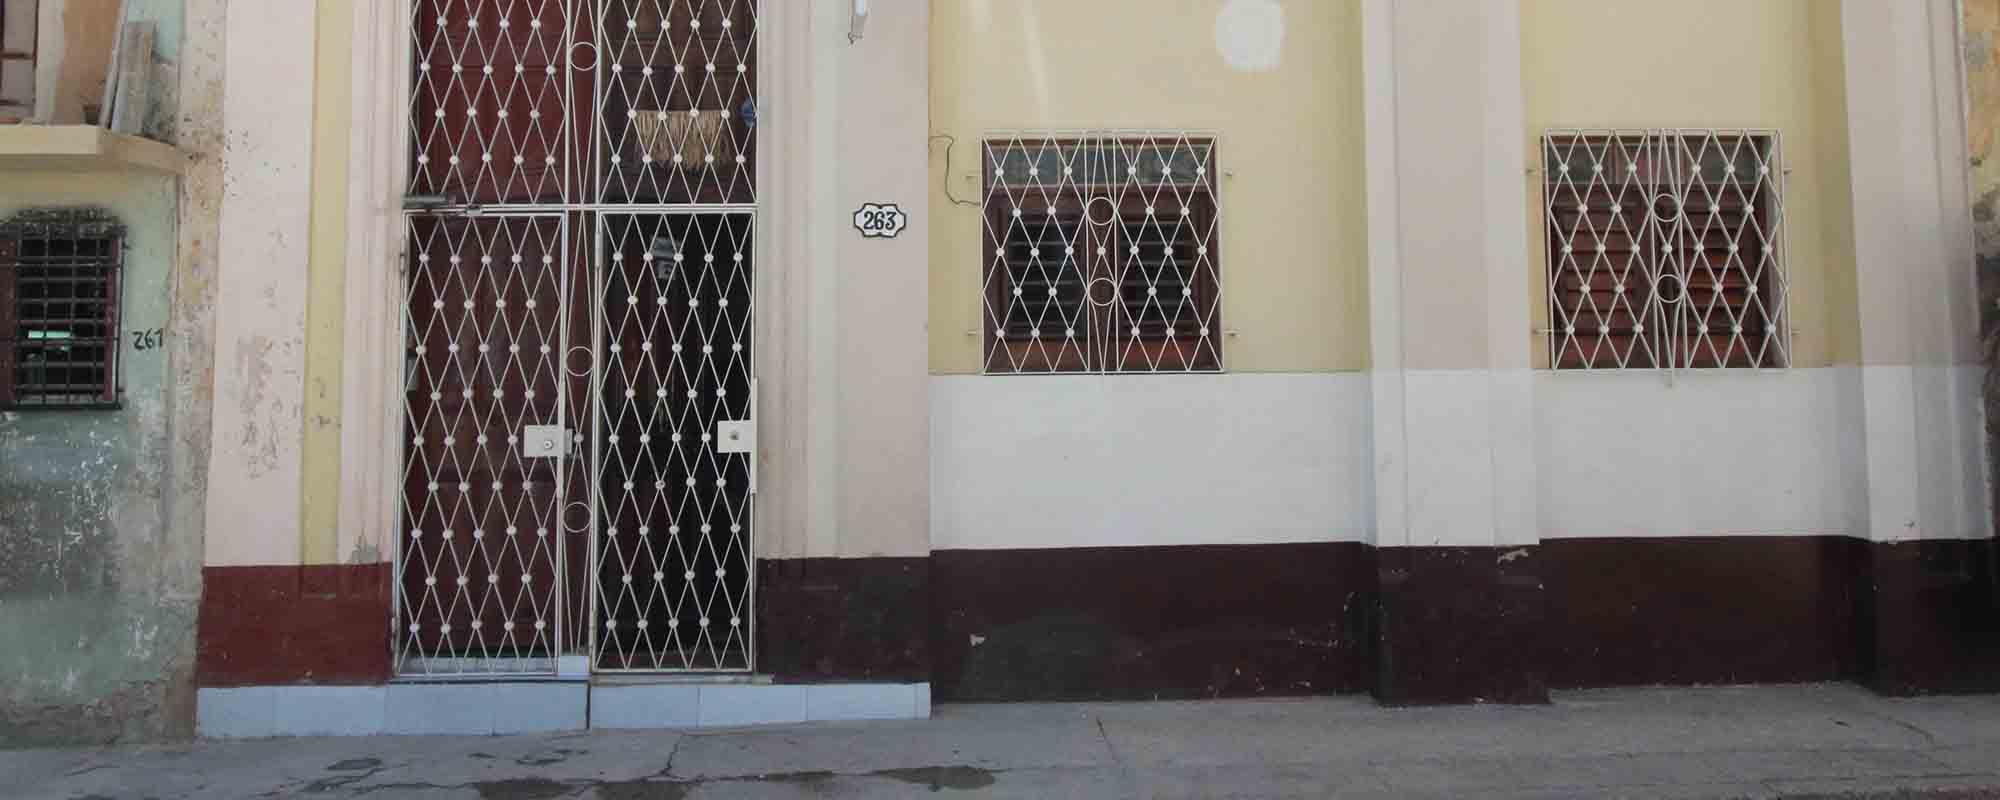 Casa Mary, Havana